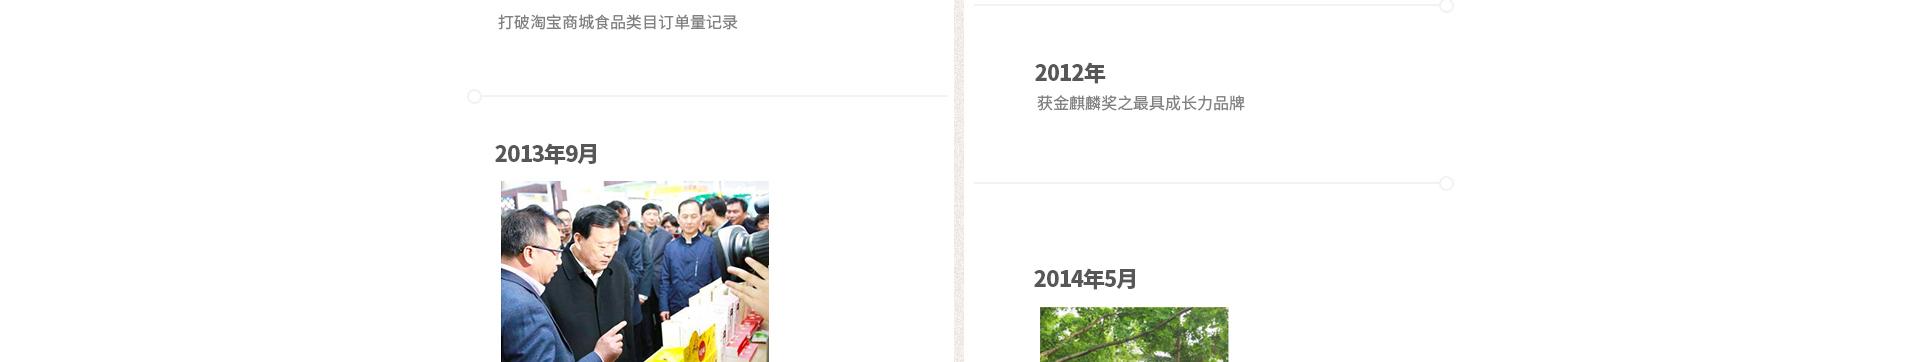 2013年9月 浙江省副省长等领导到访公司